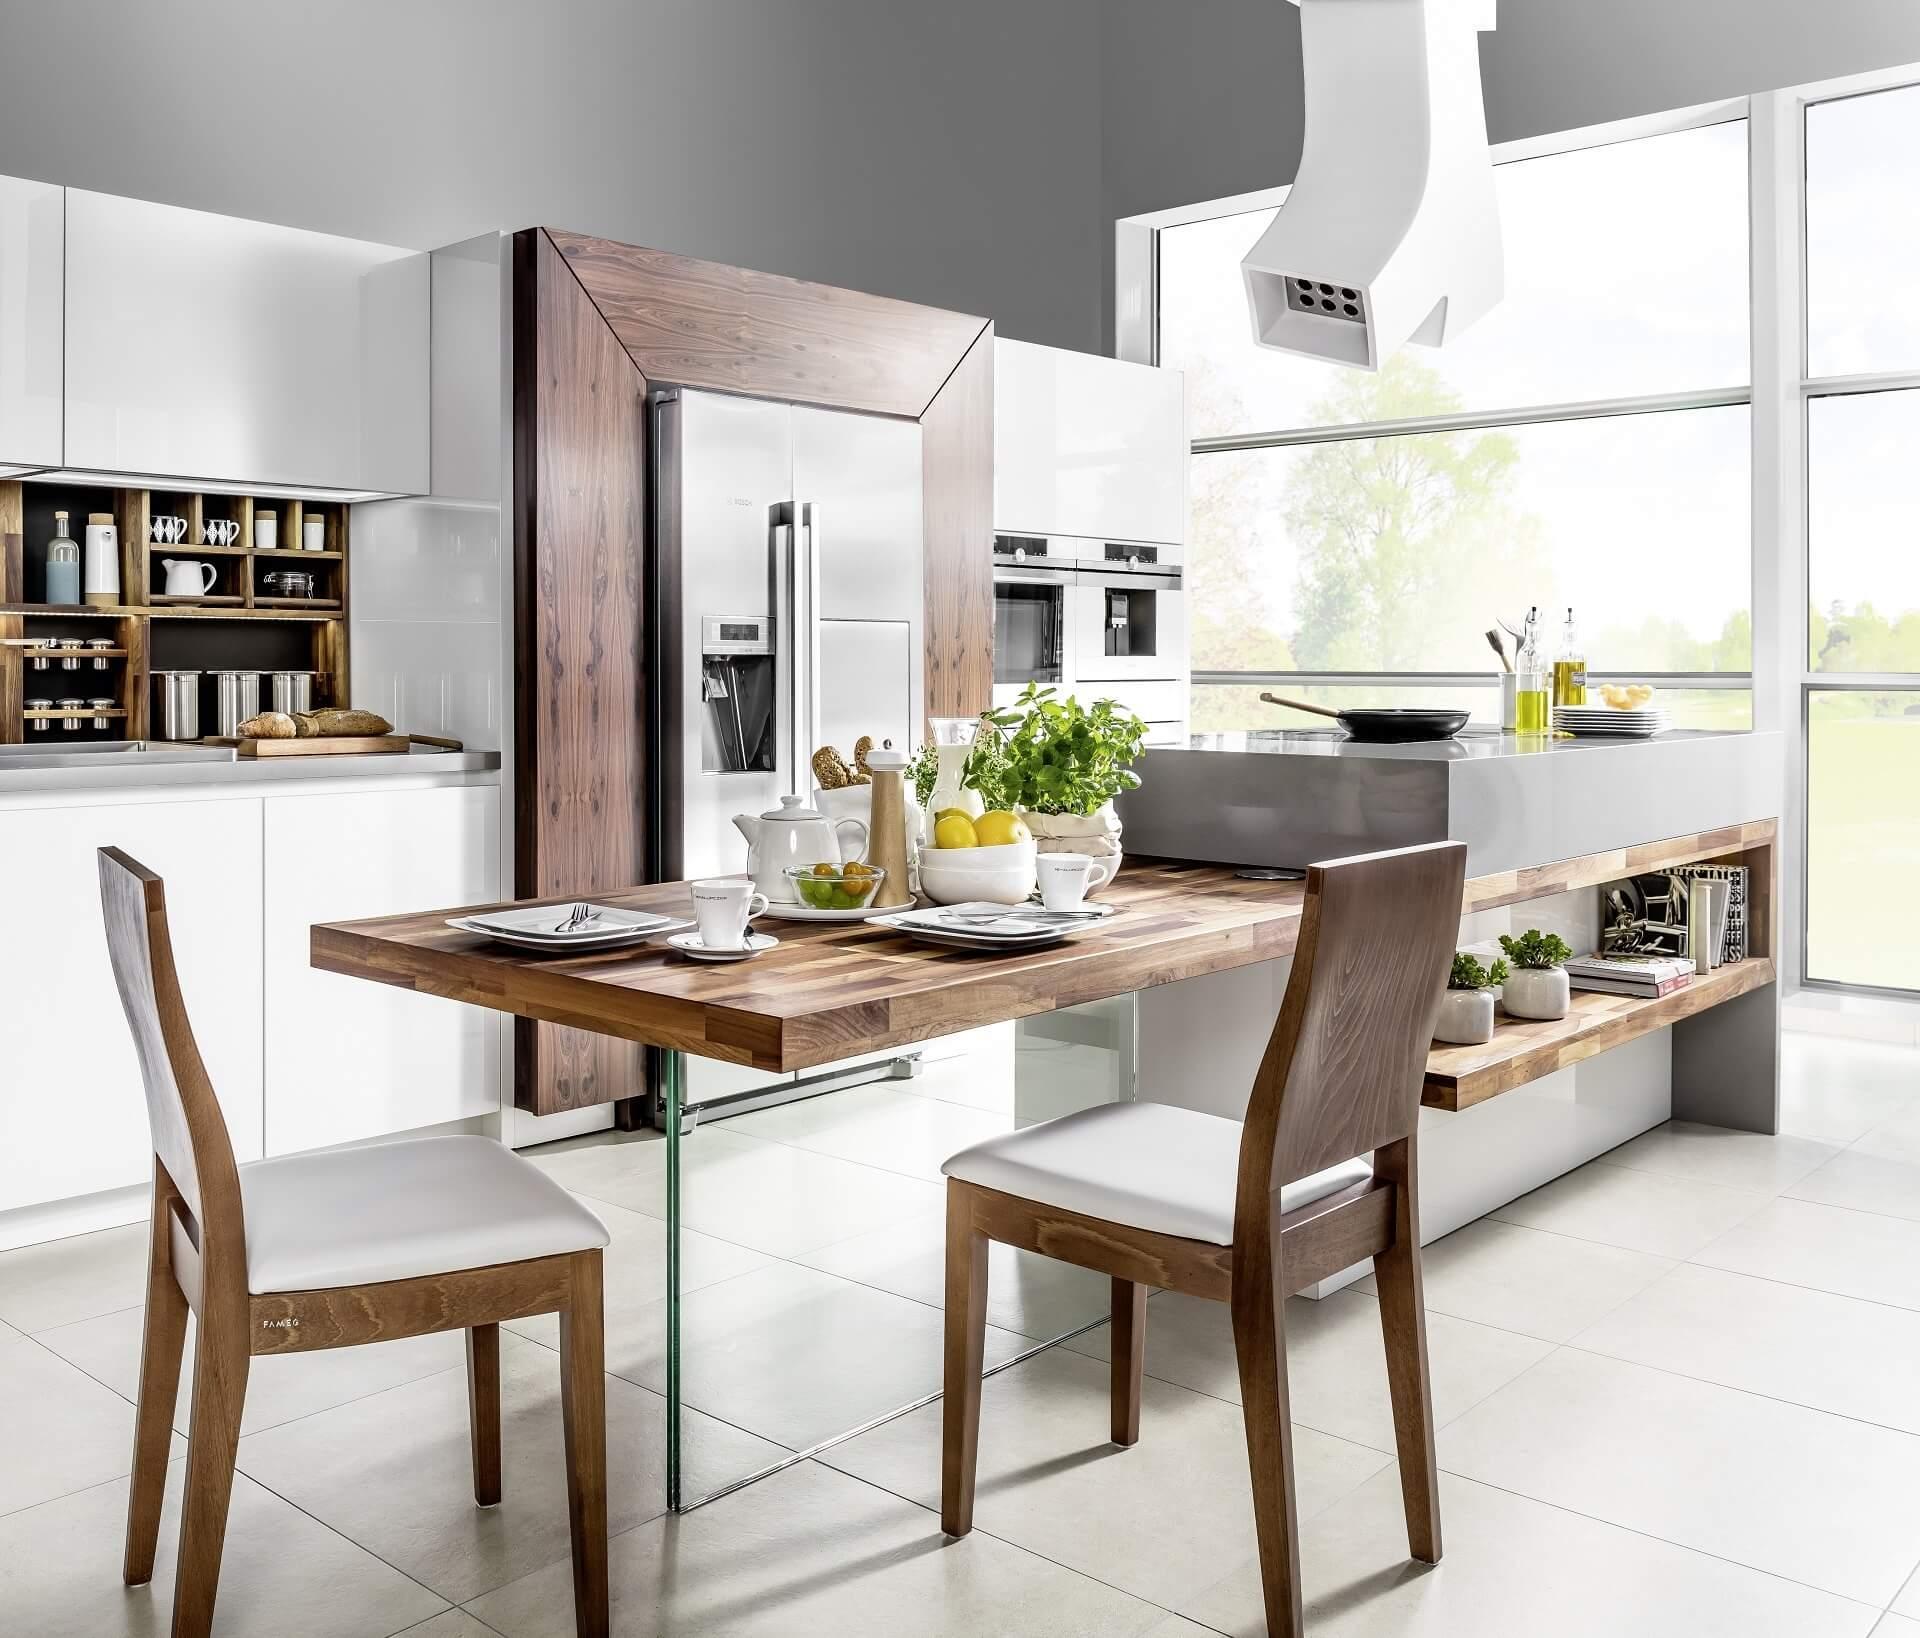 Kuchenne dylematy, czyli jaki okap wybrać do kuchni?